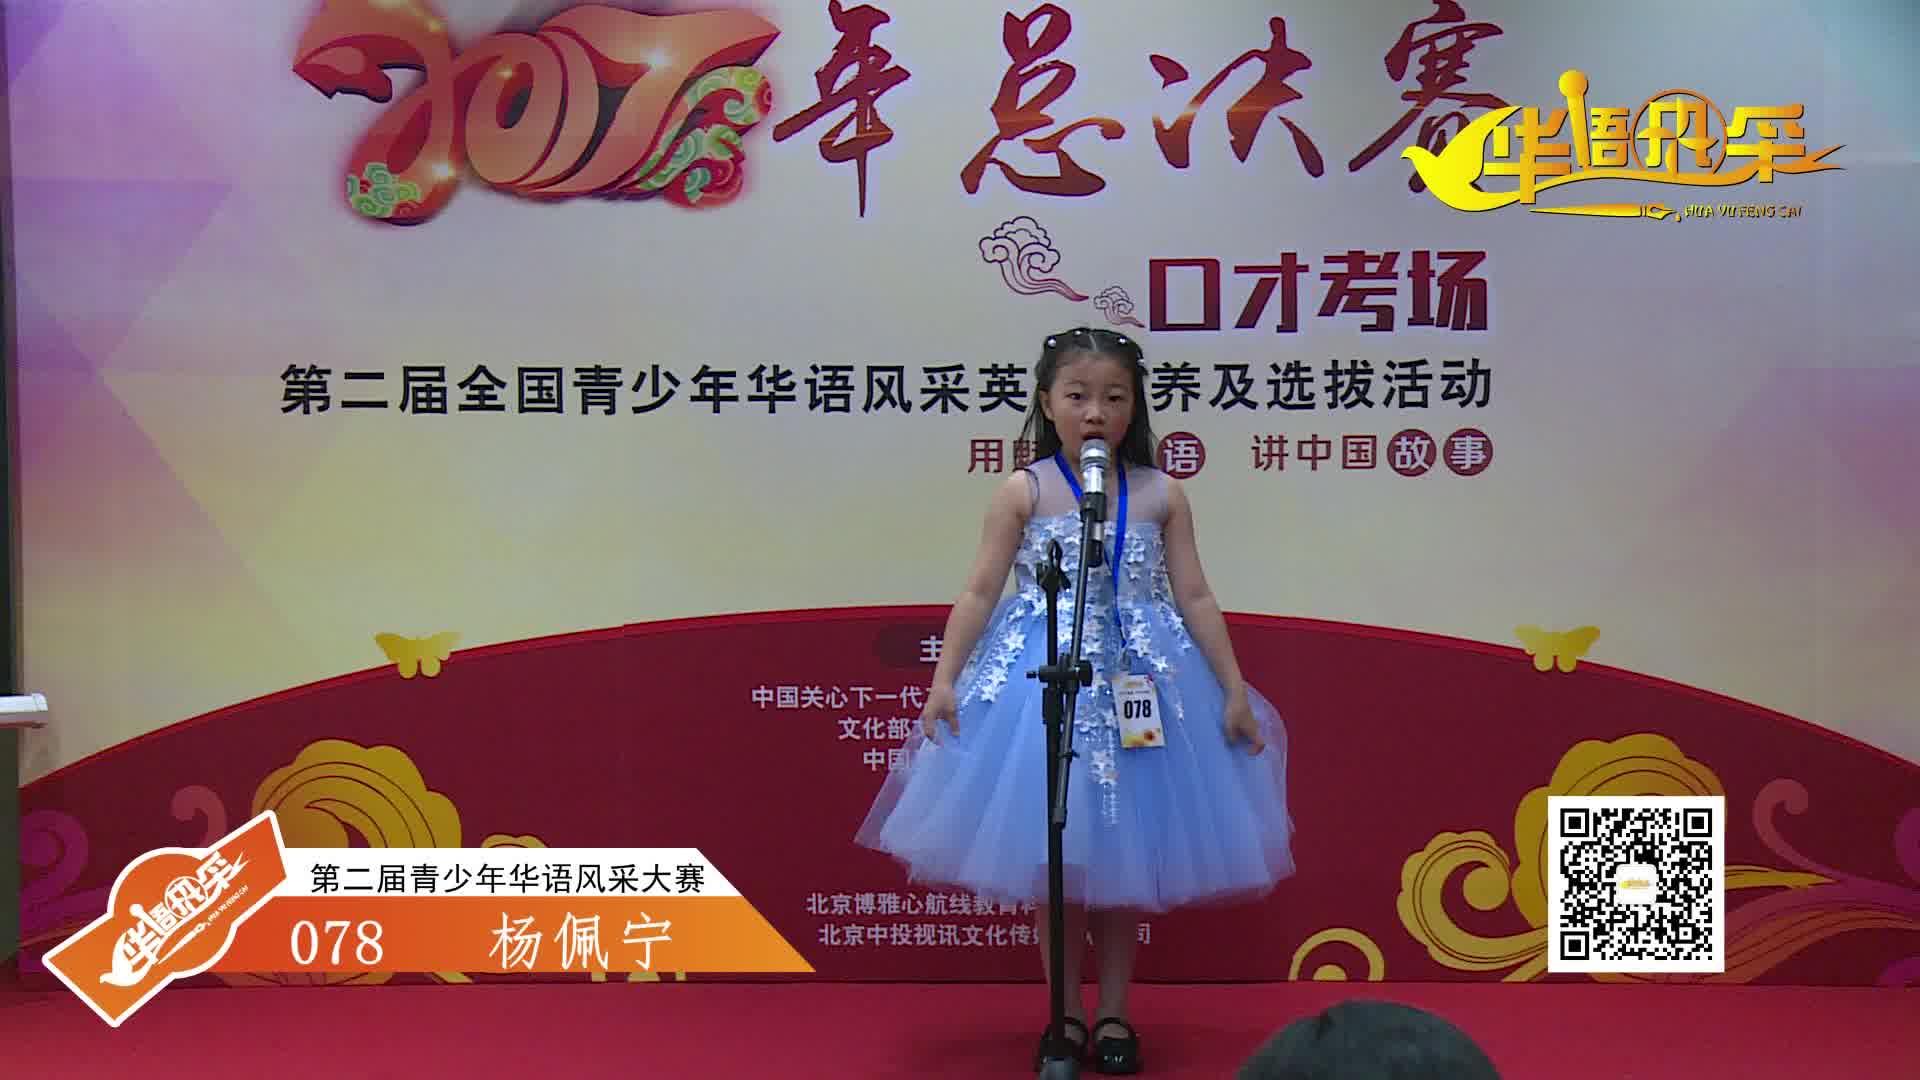 078号选手:杨佩宁